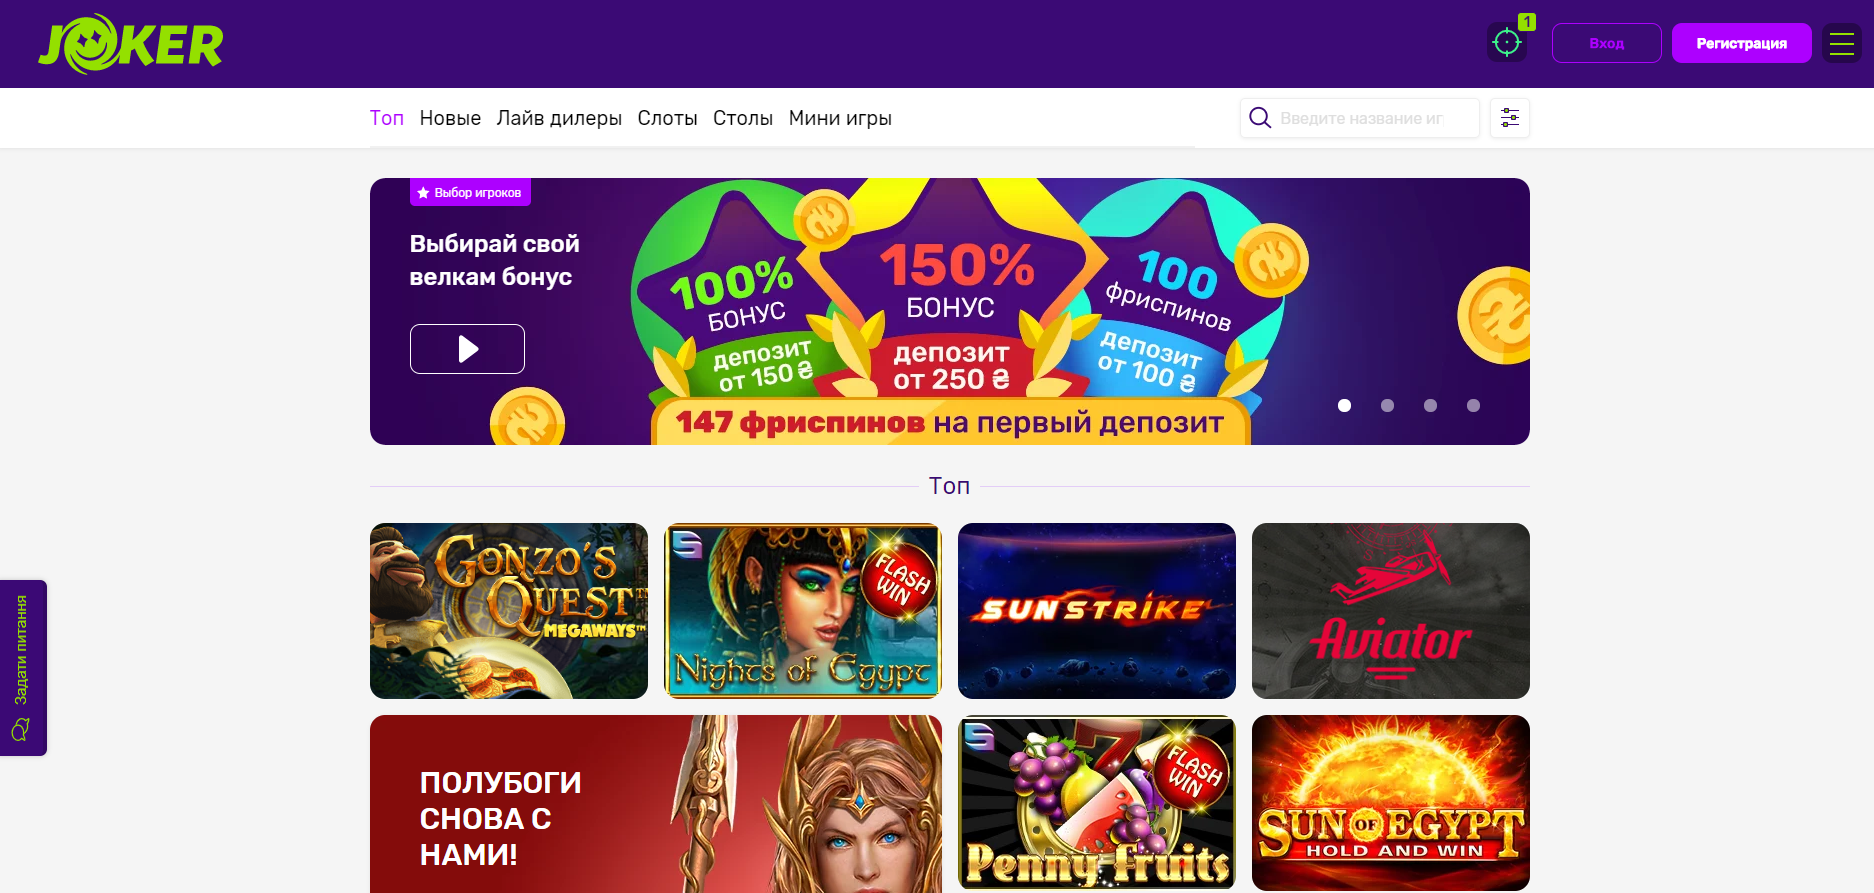 Официальный сайт Джокер казино в Украине